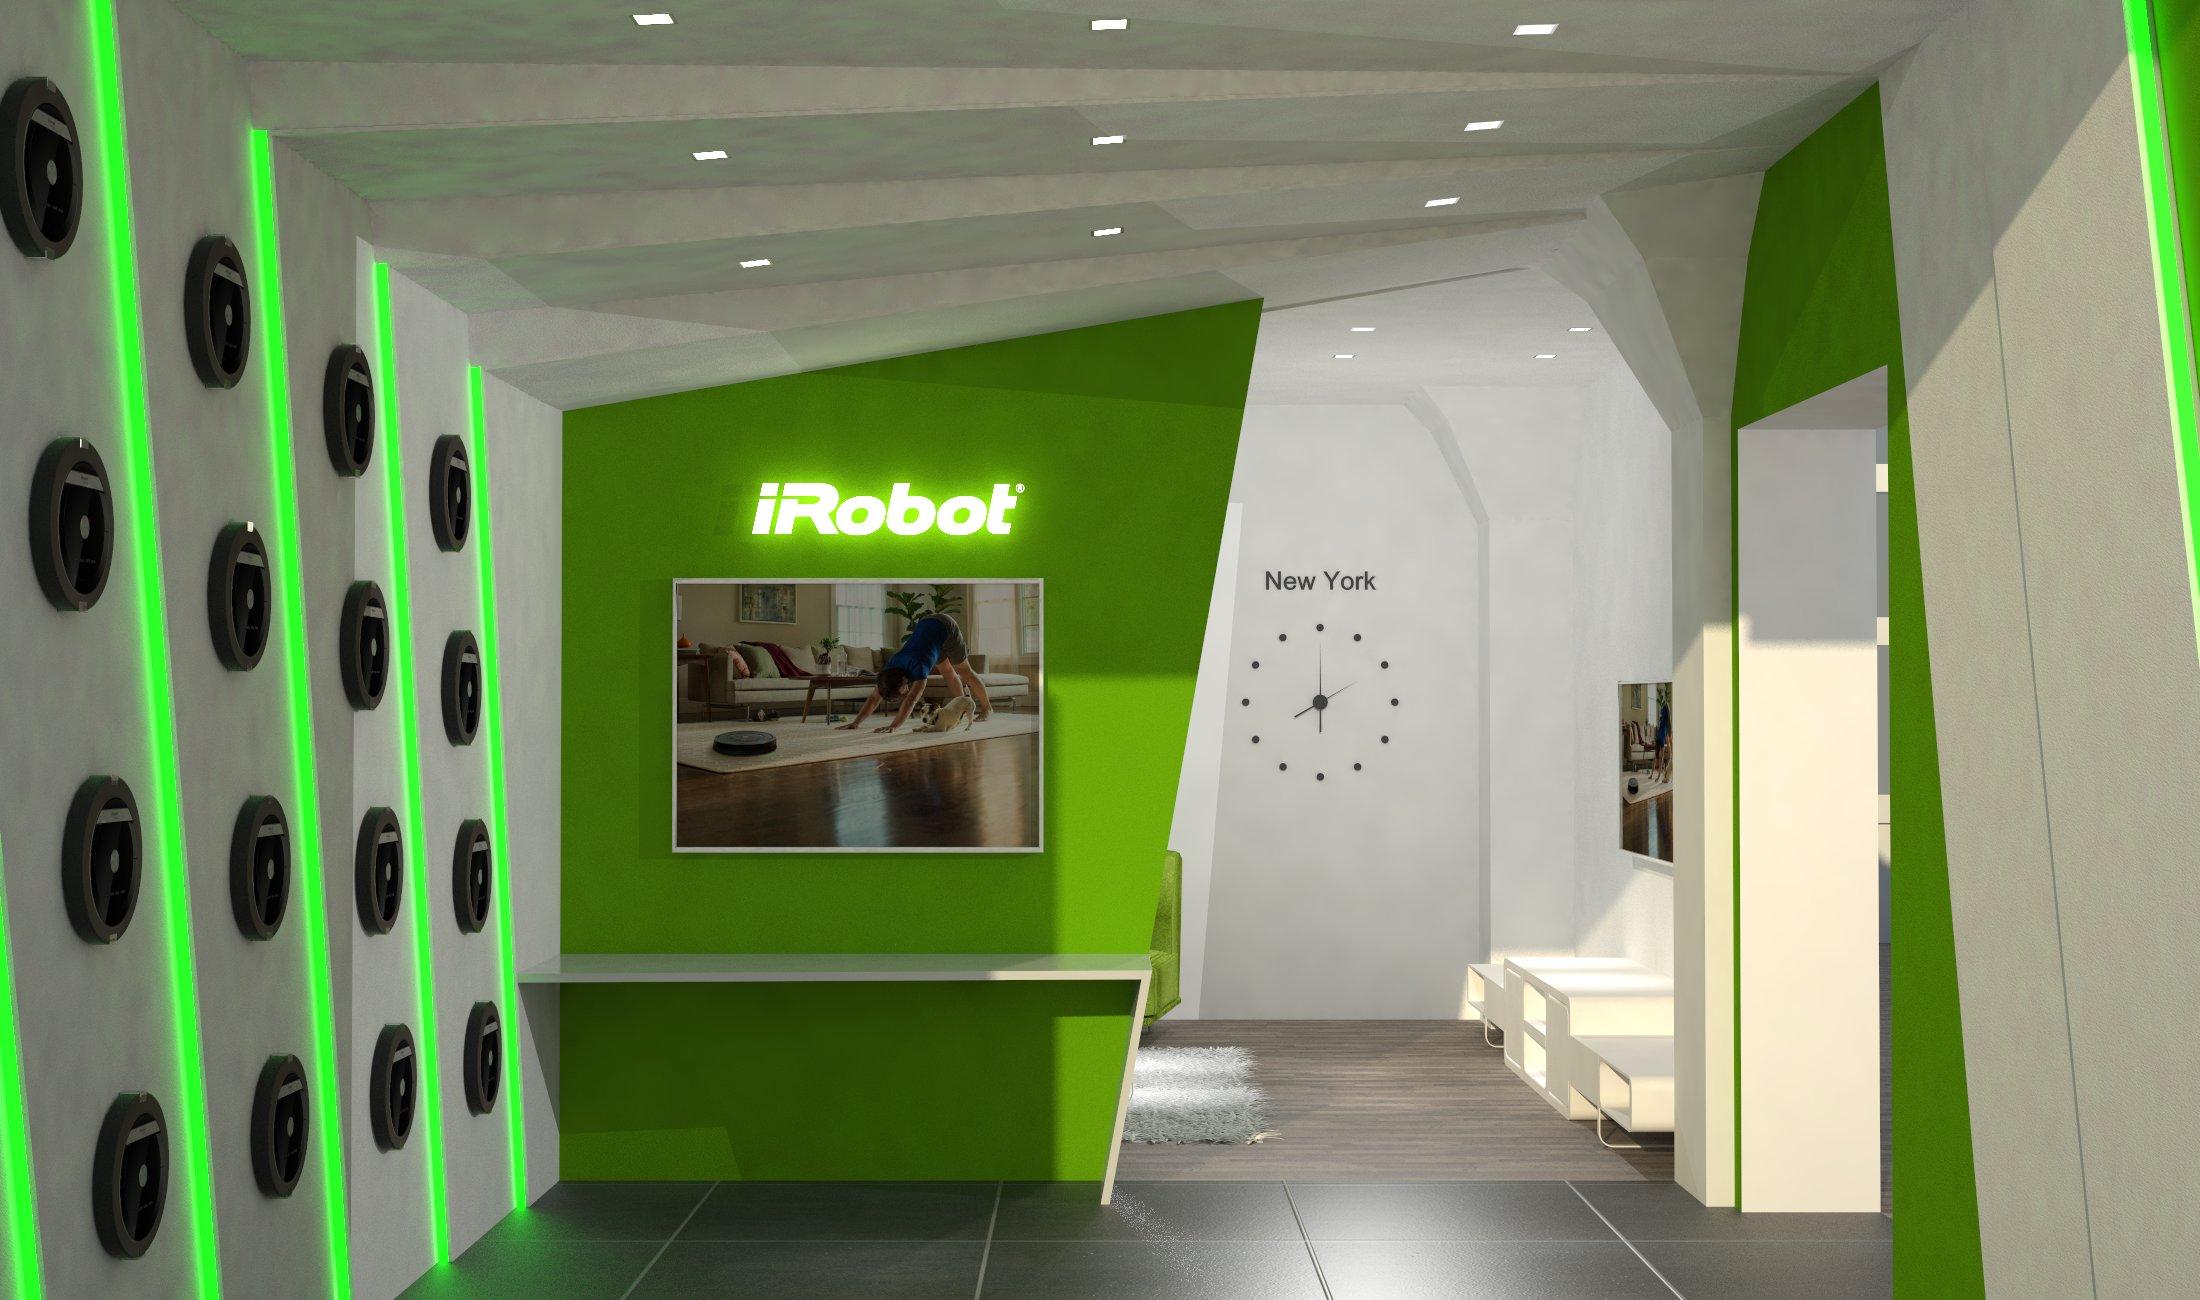 iRobot salon